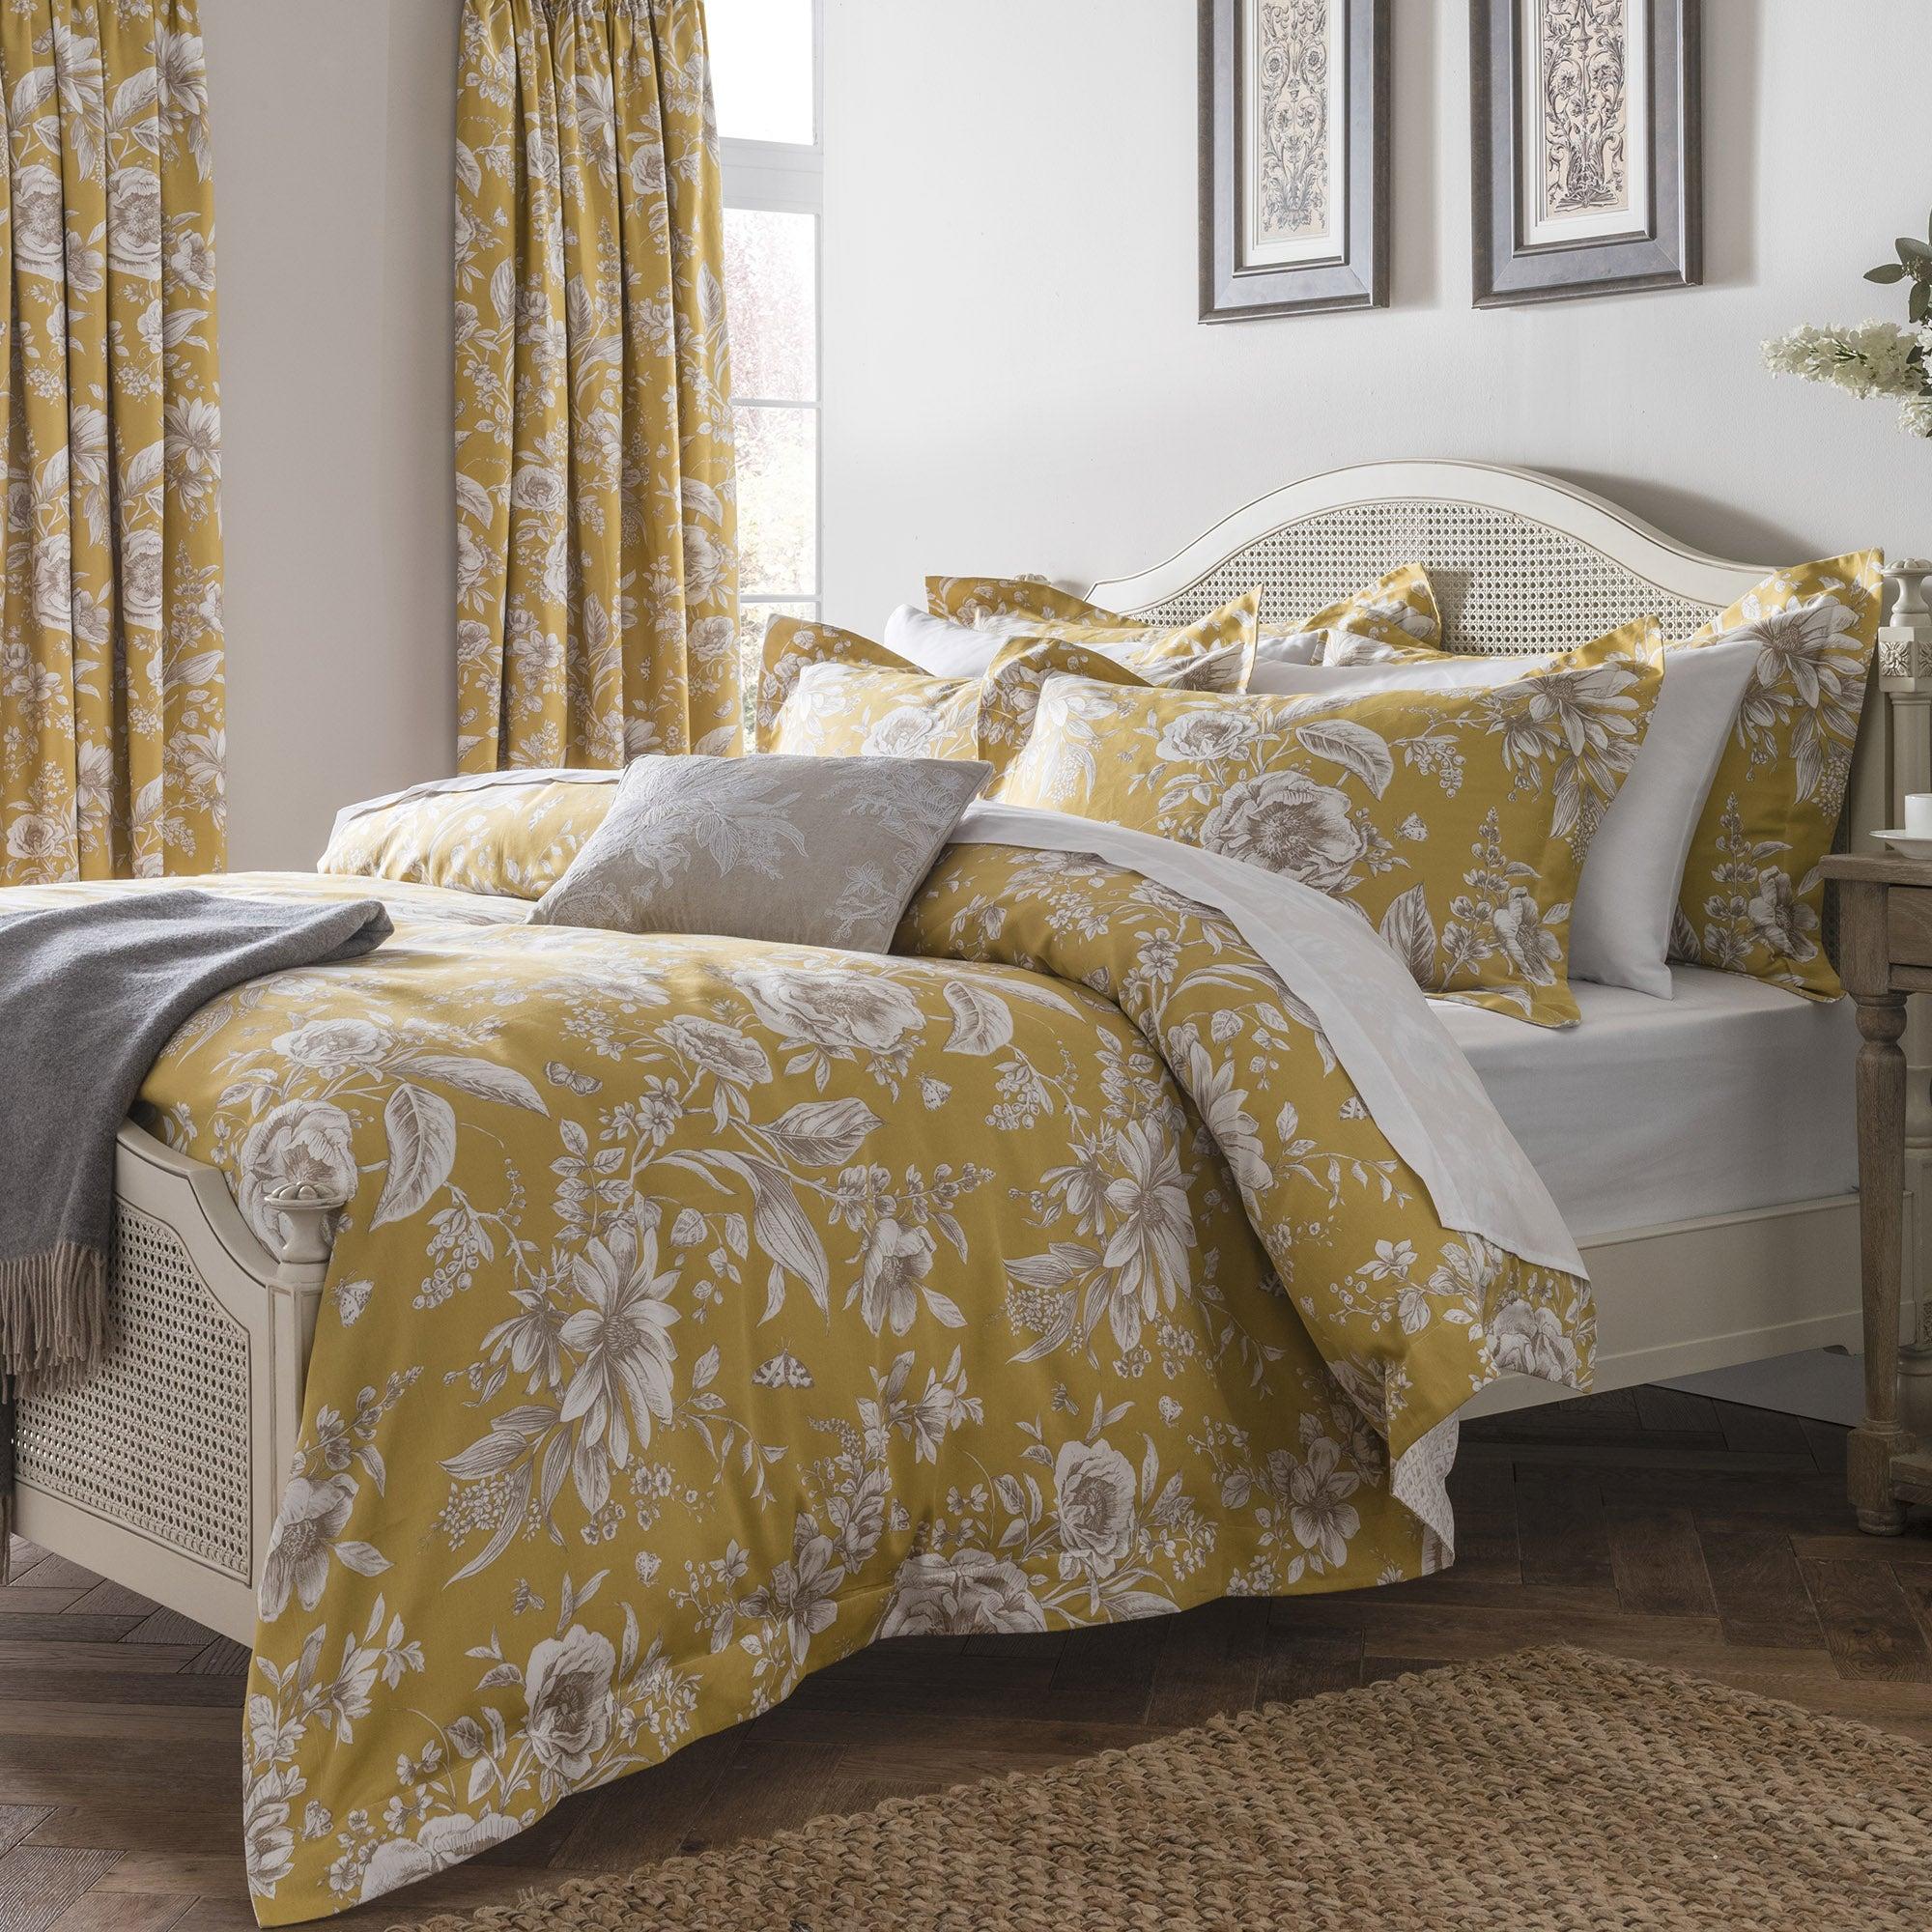 Dorma Alcea Ochre Bed Linen Collection Dunelm